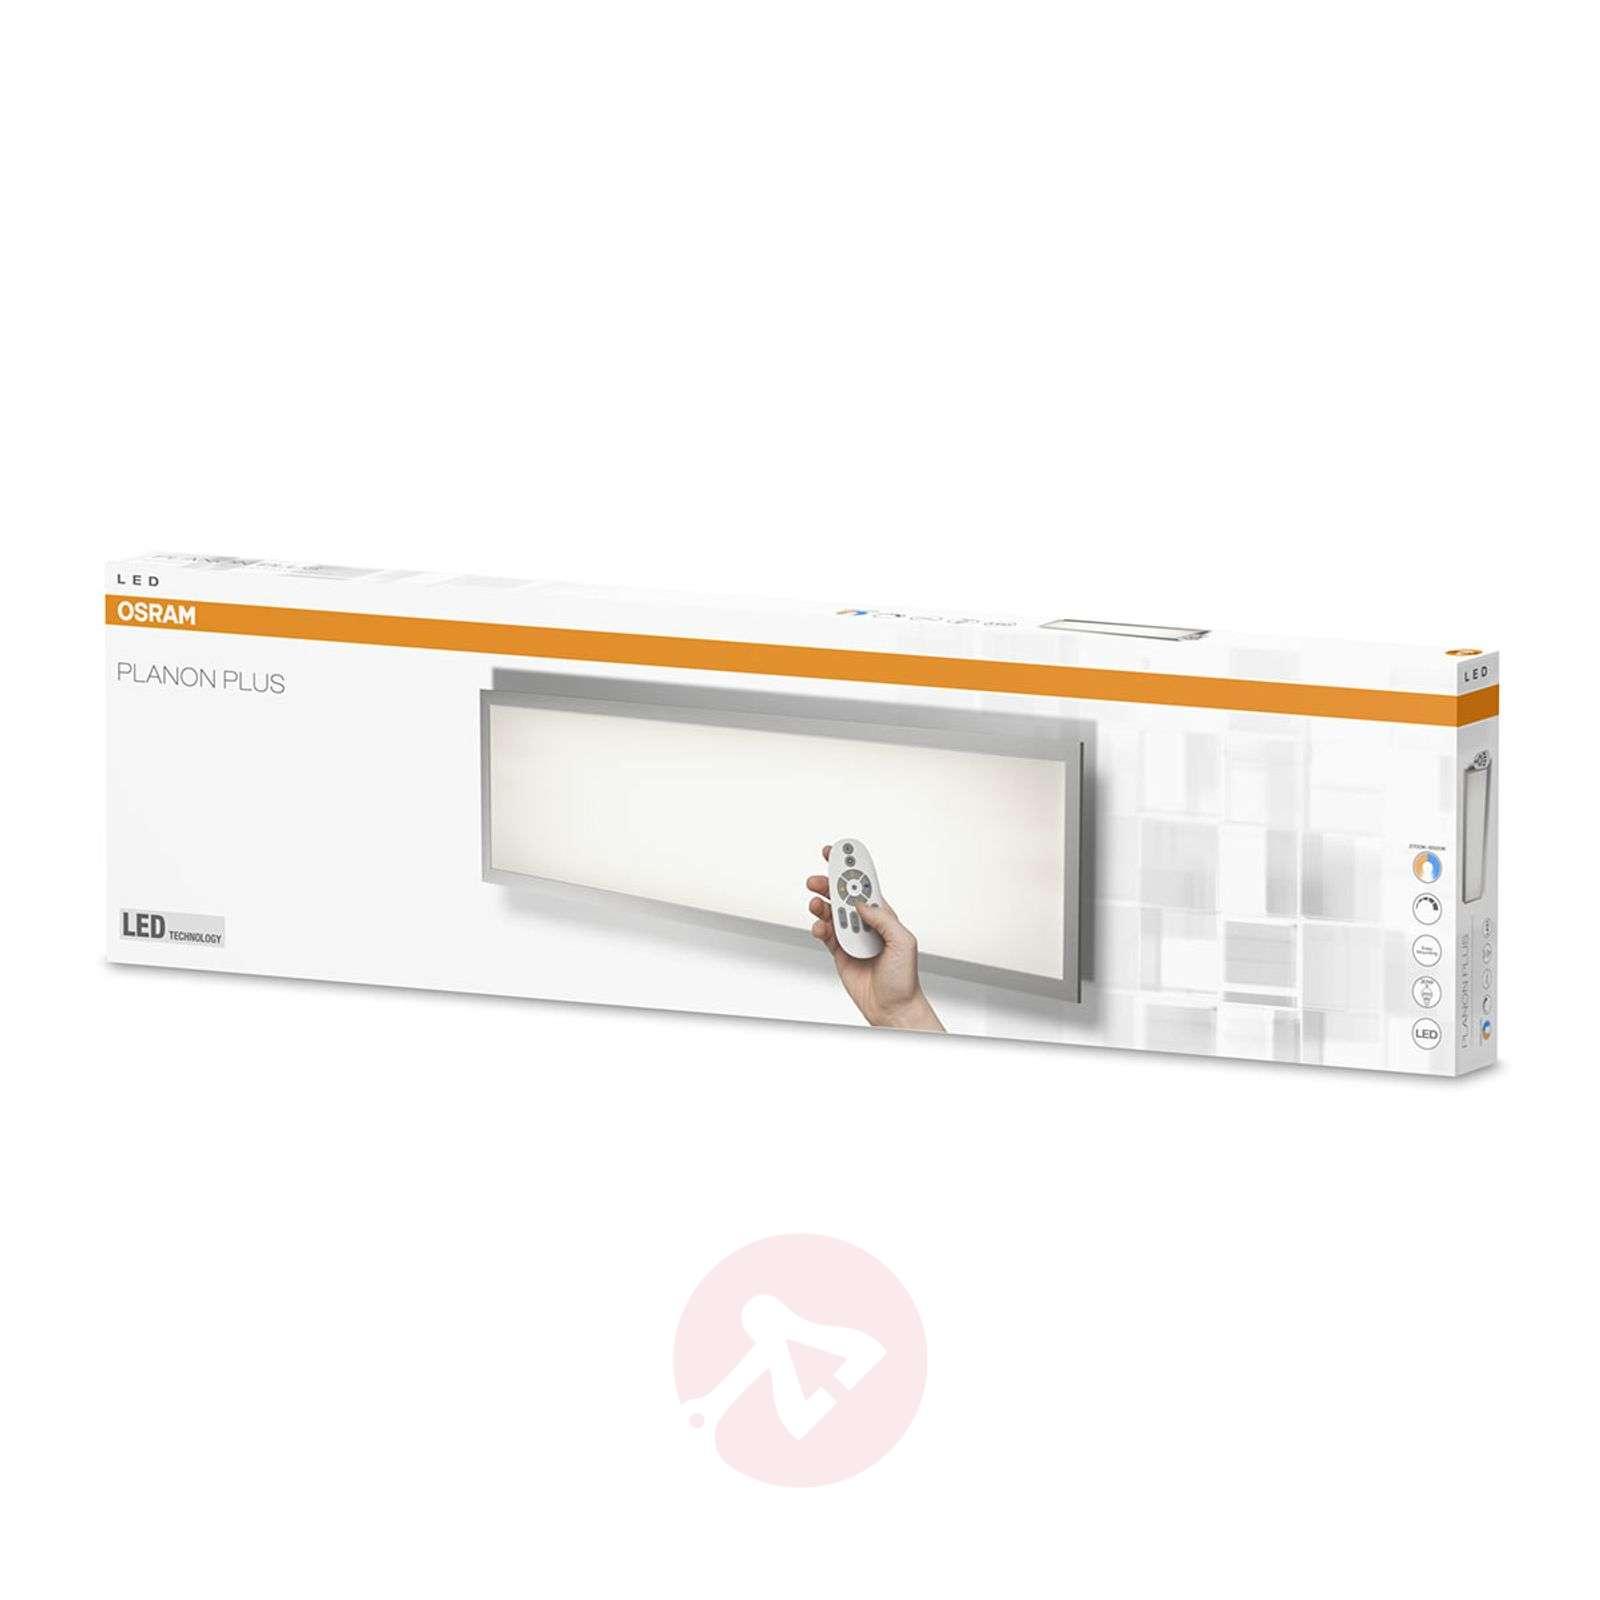 Planon Plus CCT LED-paneeli lisätoiminnoilla-7261231-02